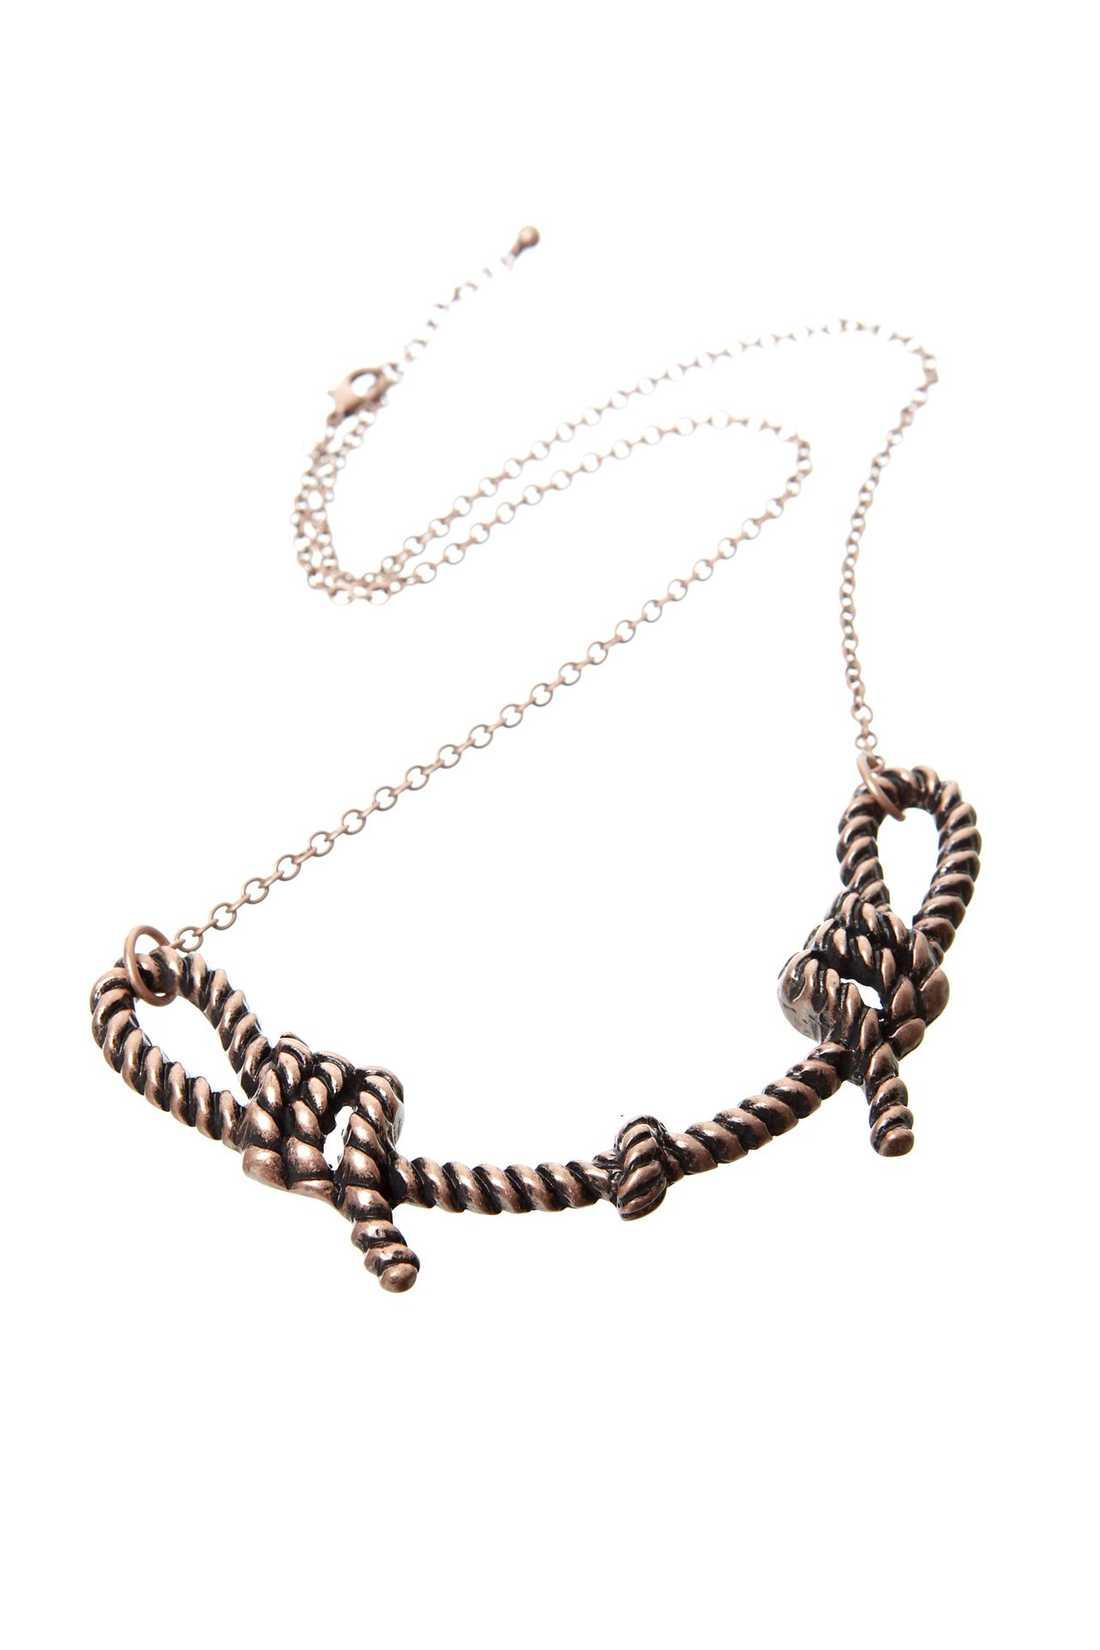 JC, 159 kr. Halsbandstrenden håller sig kvar, men mindre halsband blir också hetare och hetare!